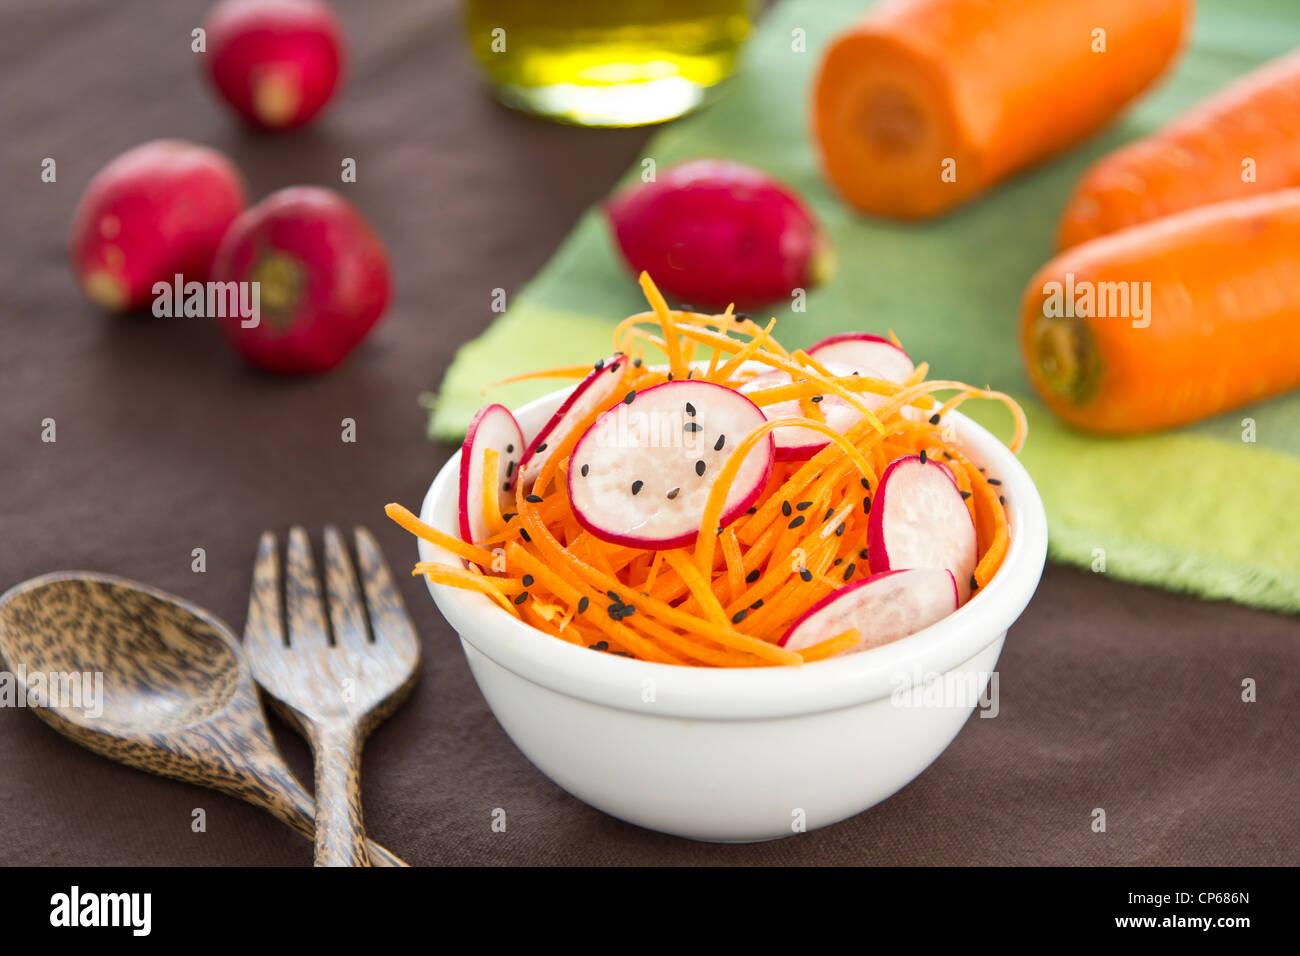 Carote e insalata di rafano Immagini Stock